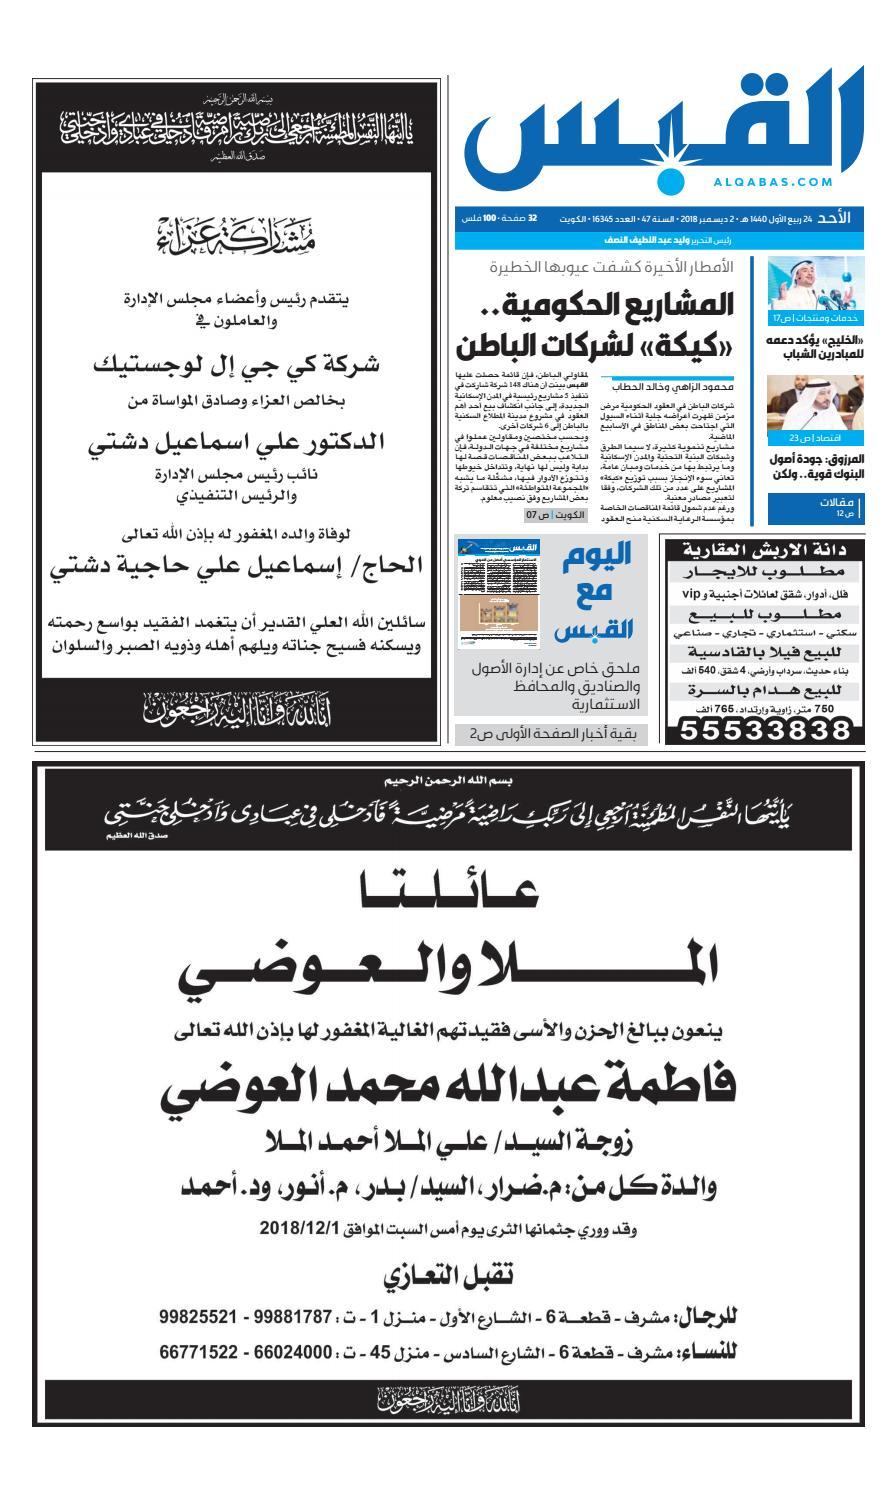 القبس عدد الأحد 2 ديسمبر 2018 By Alqabas Issuu